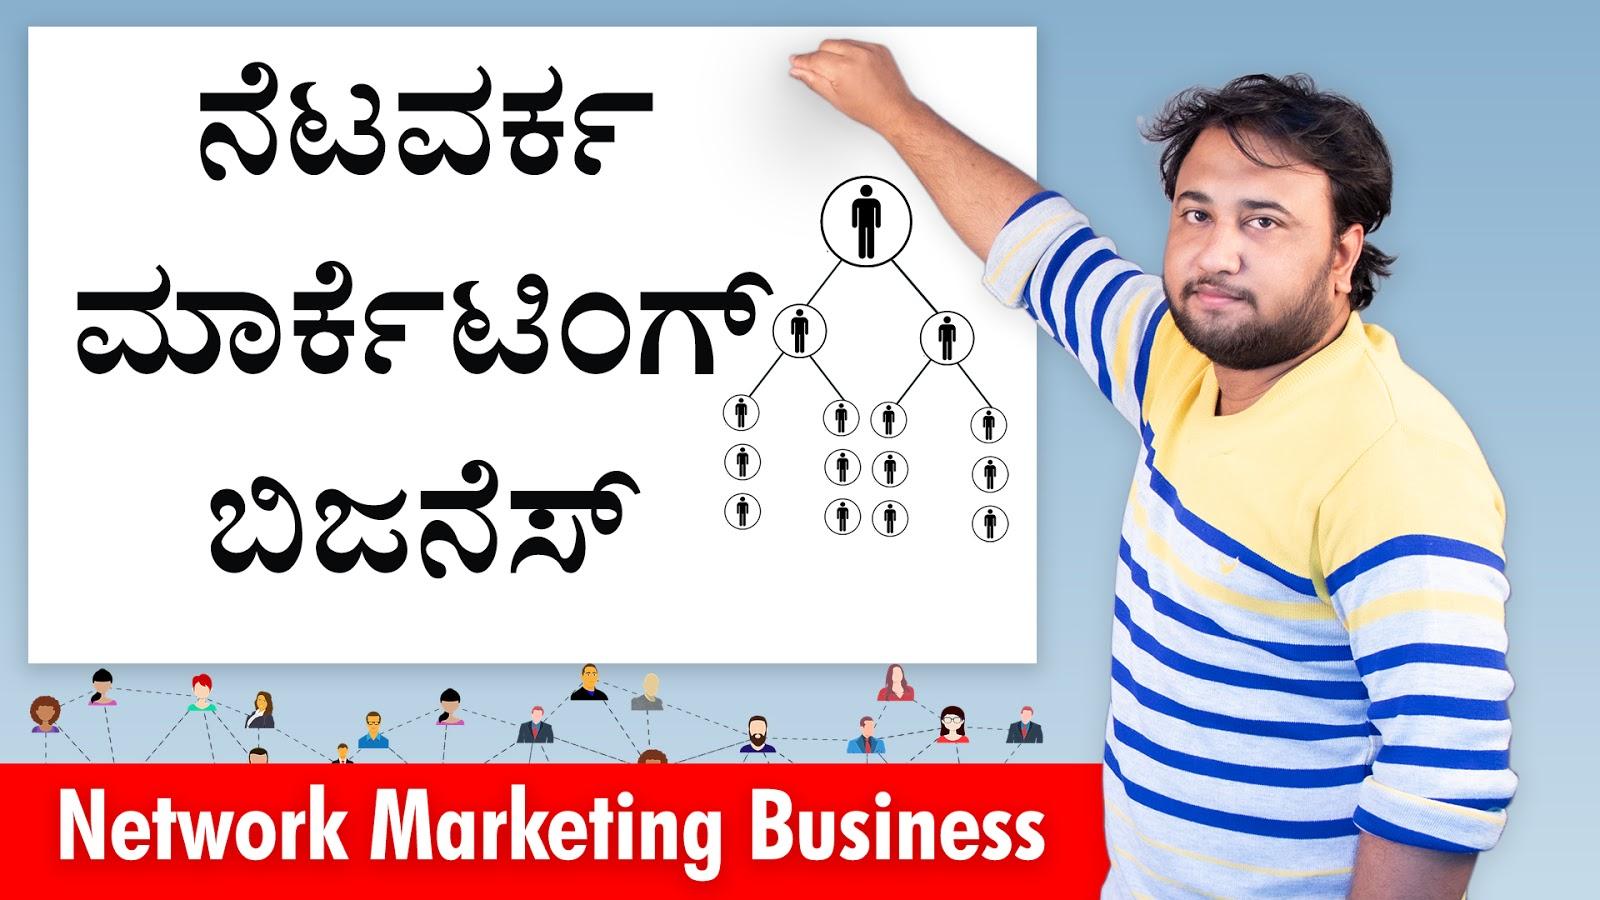 ನೆಟವರ್ಕ ಮಾರ್ಕೆಟಿಂಗ್ ಬಿಜನೆಸ್ : Network Marketing Business